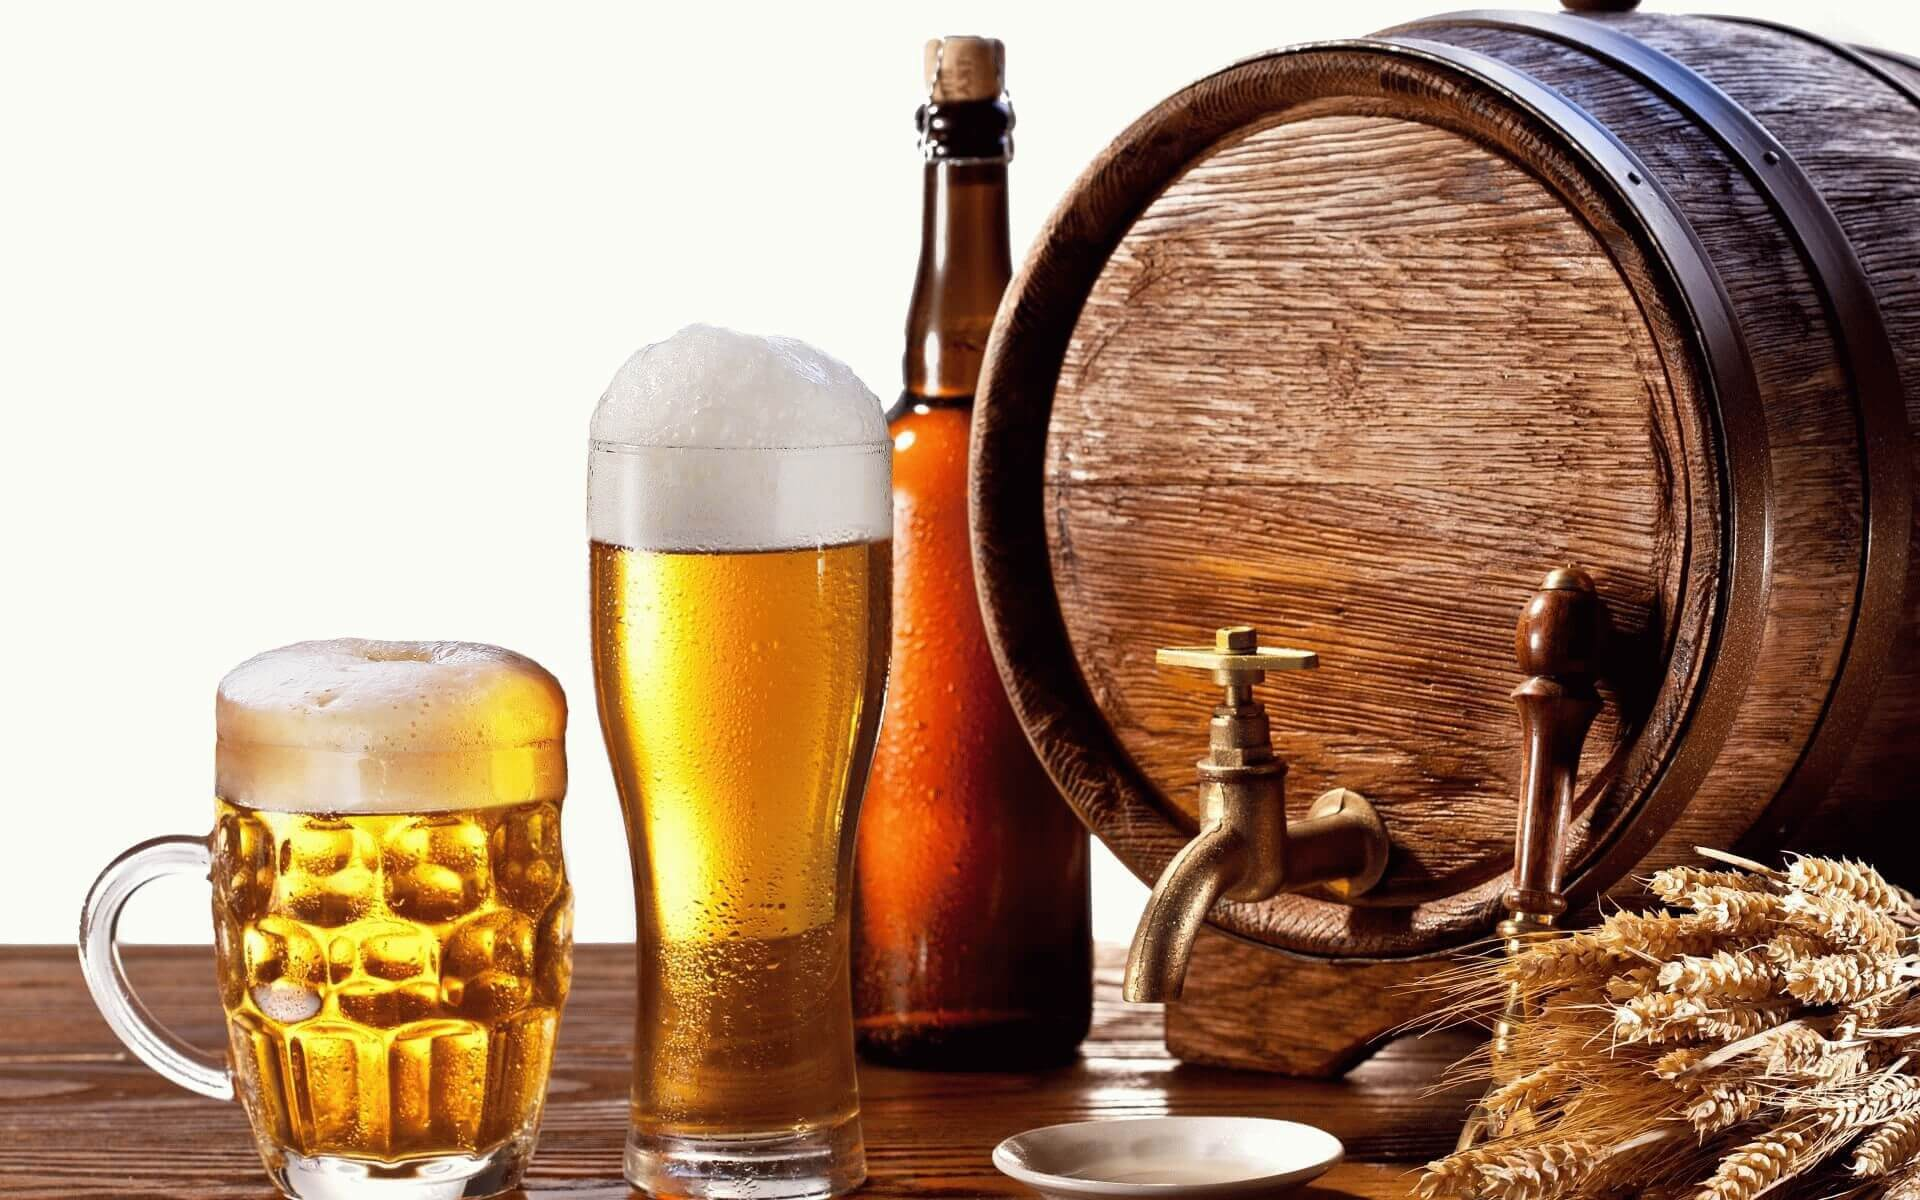 В Полтавской области налоговики пресекли продажу незаконного изготовленных пива, эля и сидра - Цензор.НЕТ 431